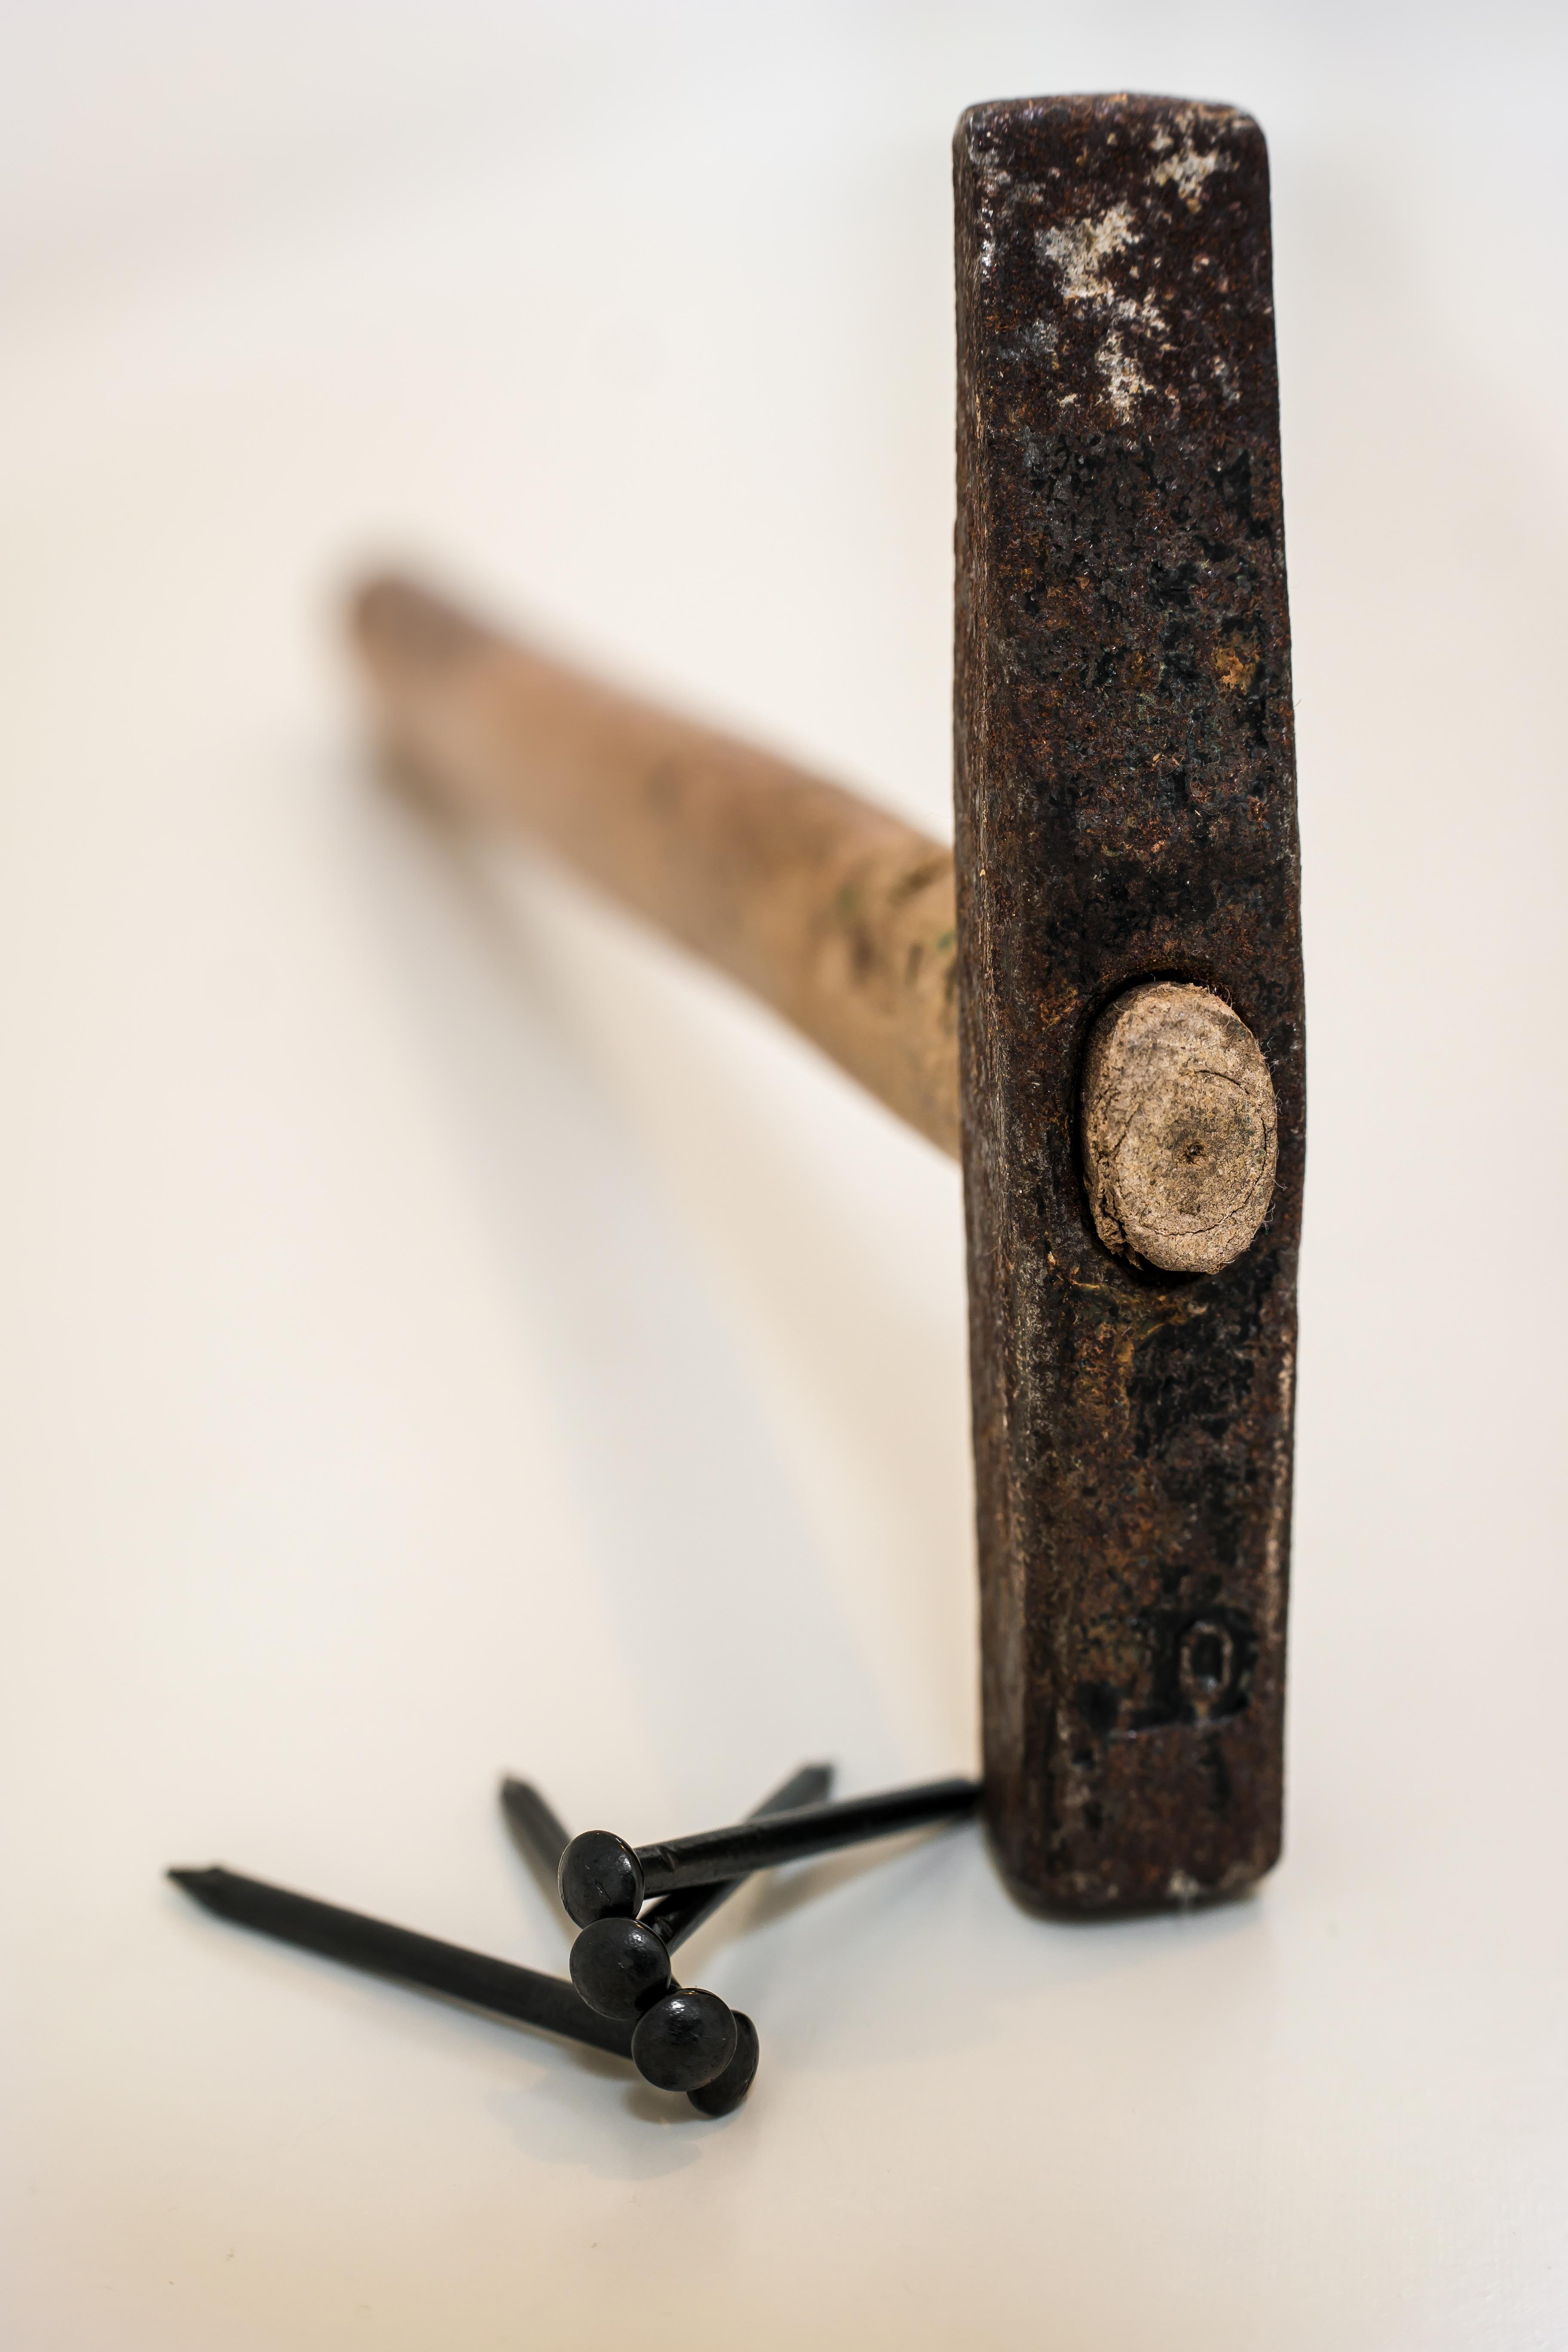 Fotos gratis : trabajo, mano, madera, herramienta, martillo, metal ...